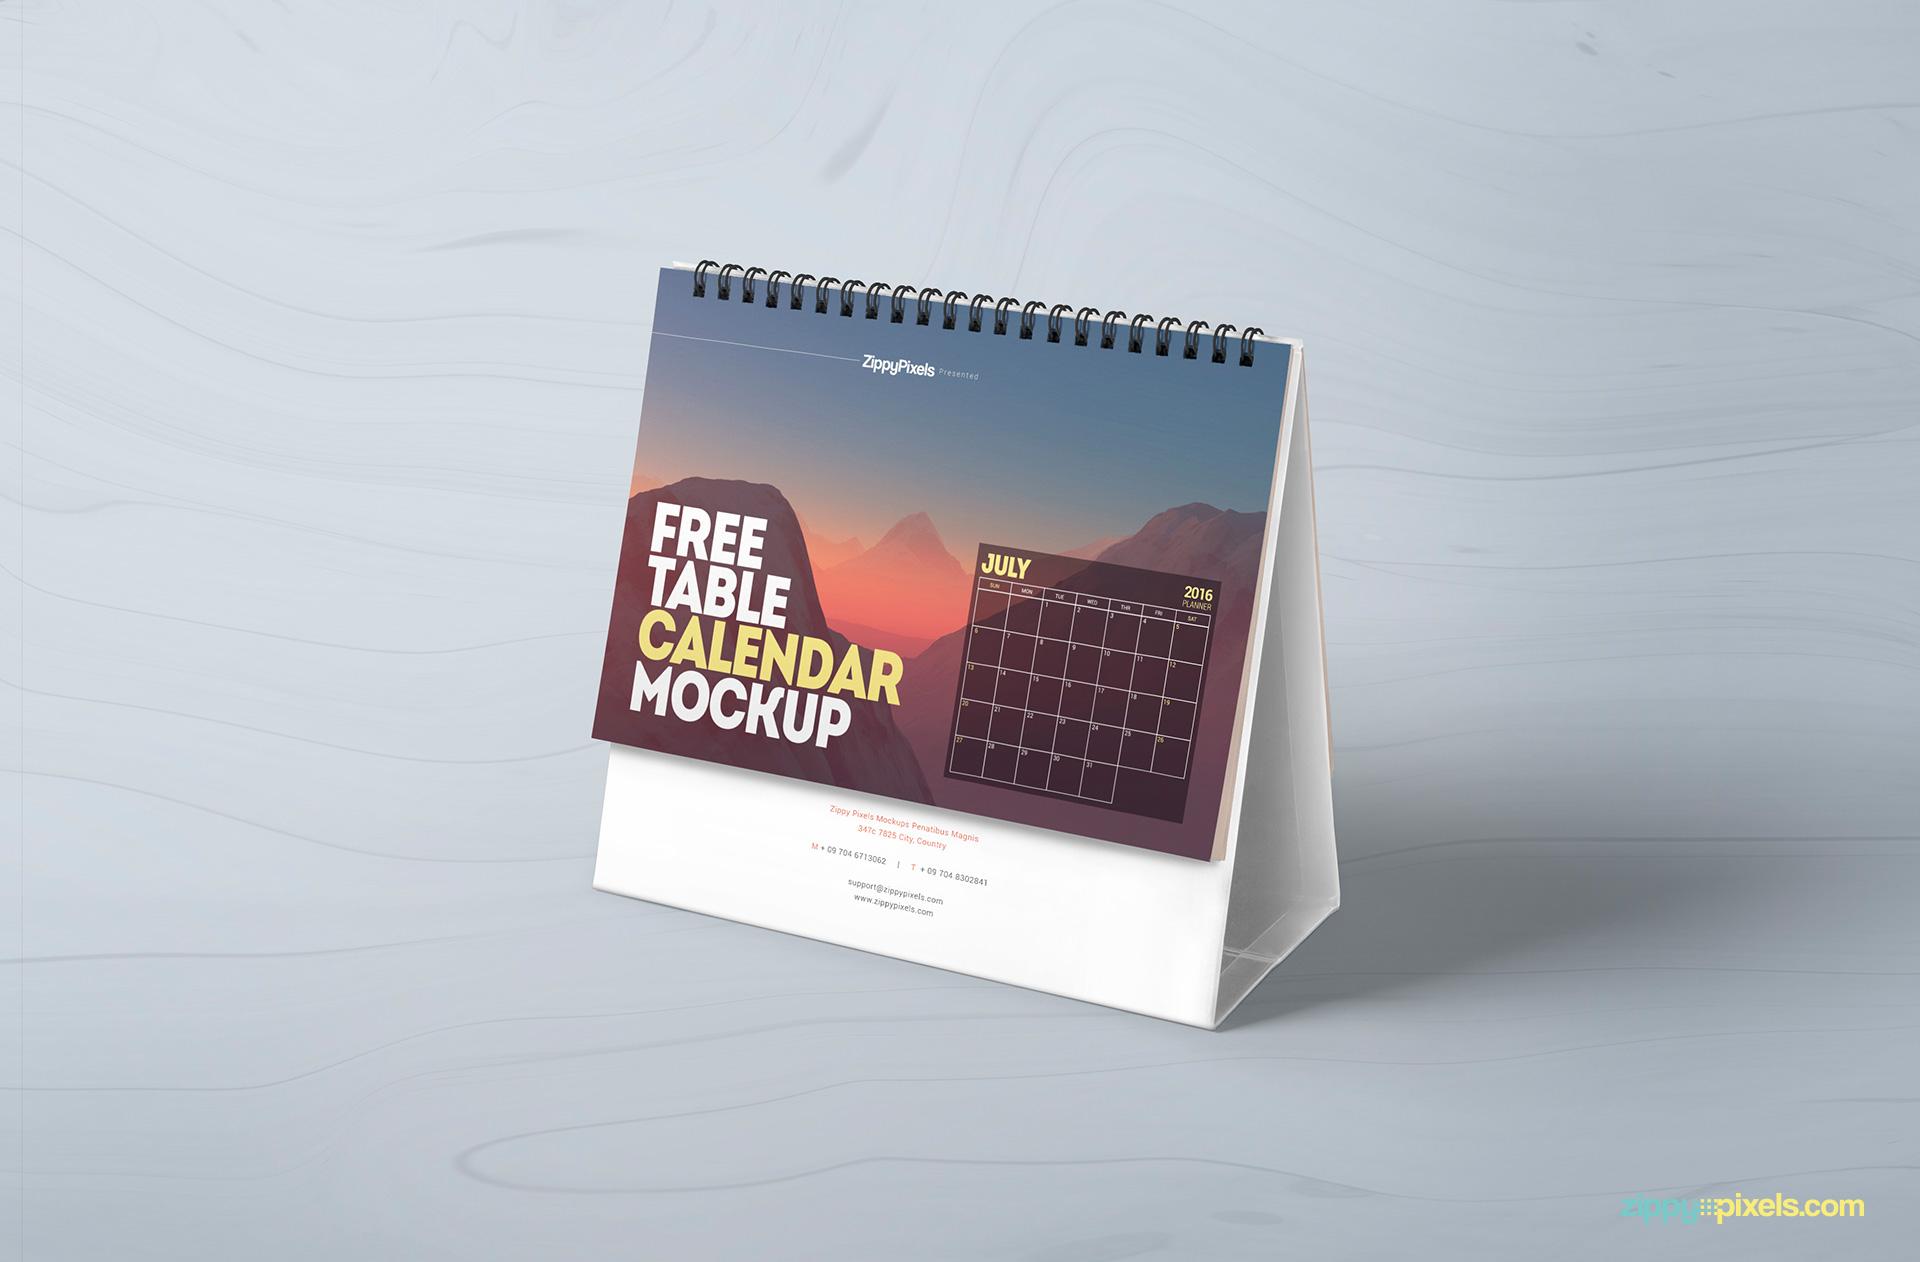 Calendar Design Options : Free table calendar mockup zippypixels